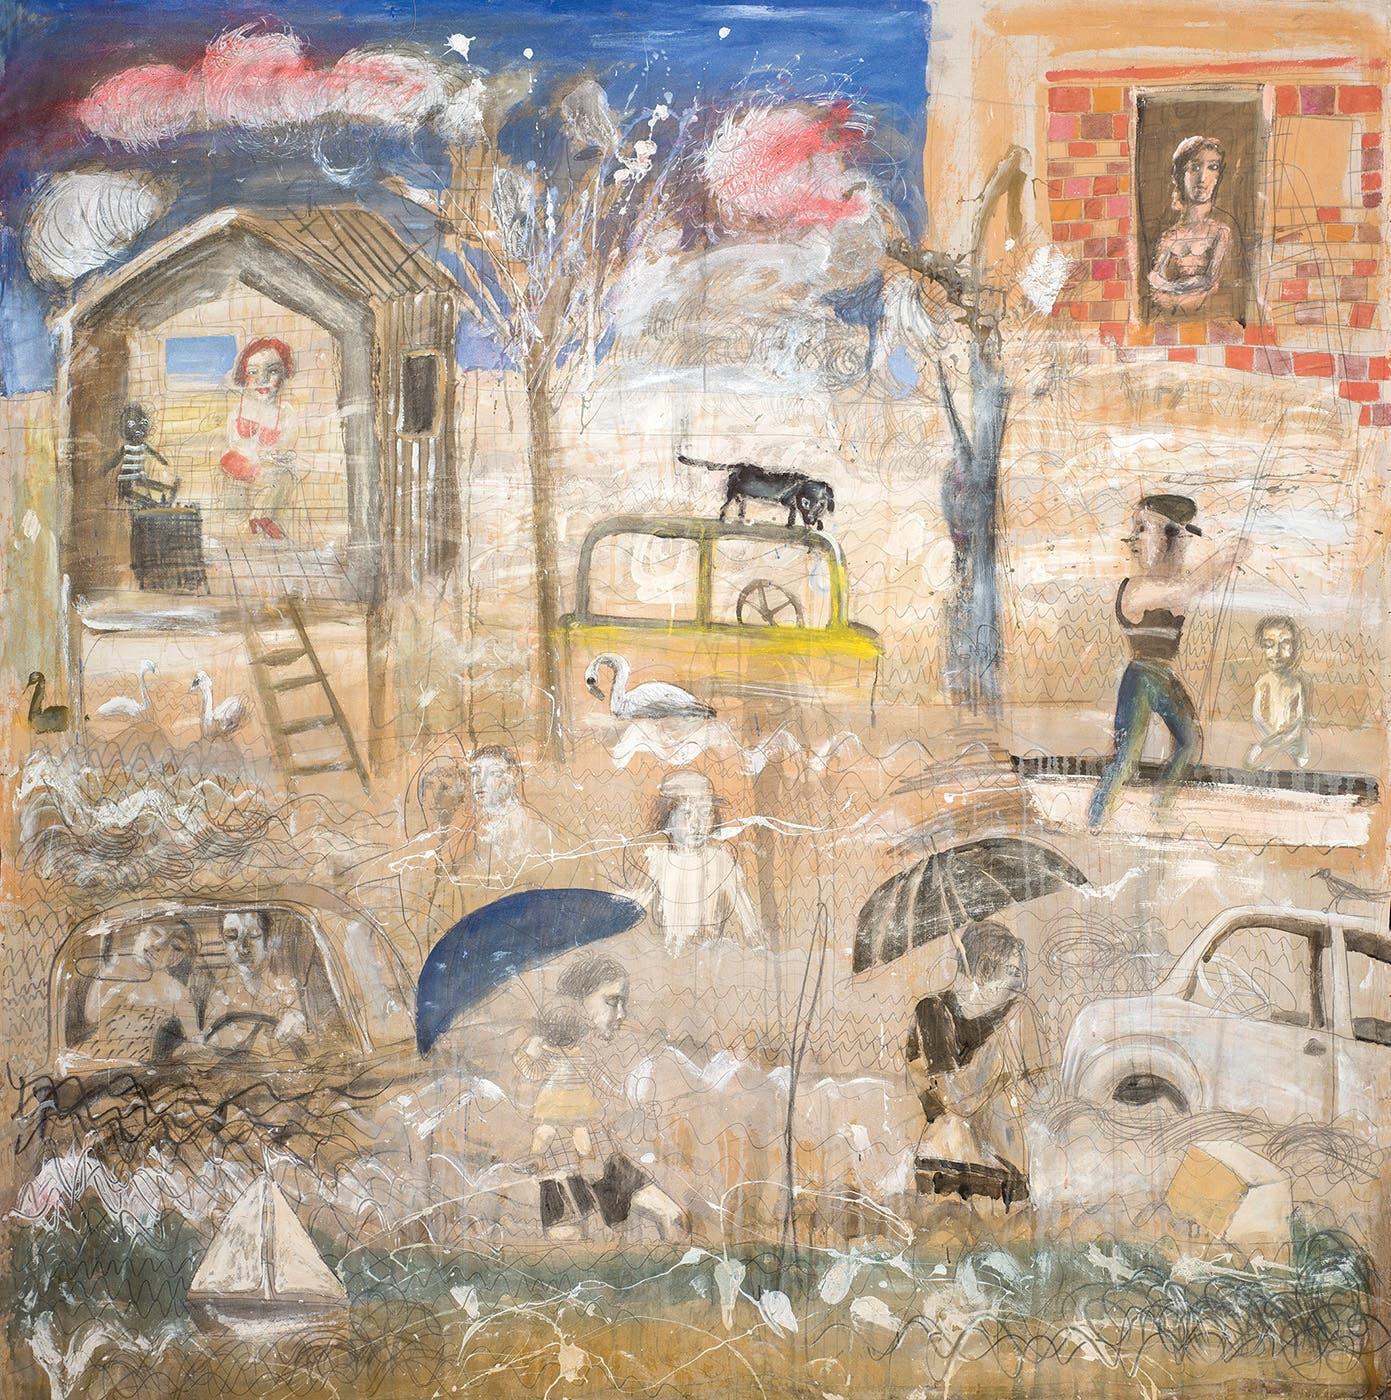 Inundados, una obra que da cuenta de la mirada cercana del artista a su entorno